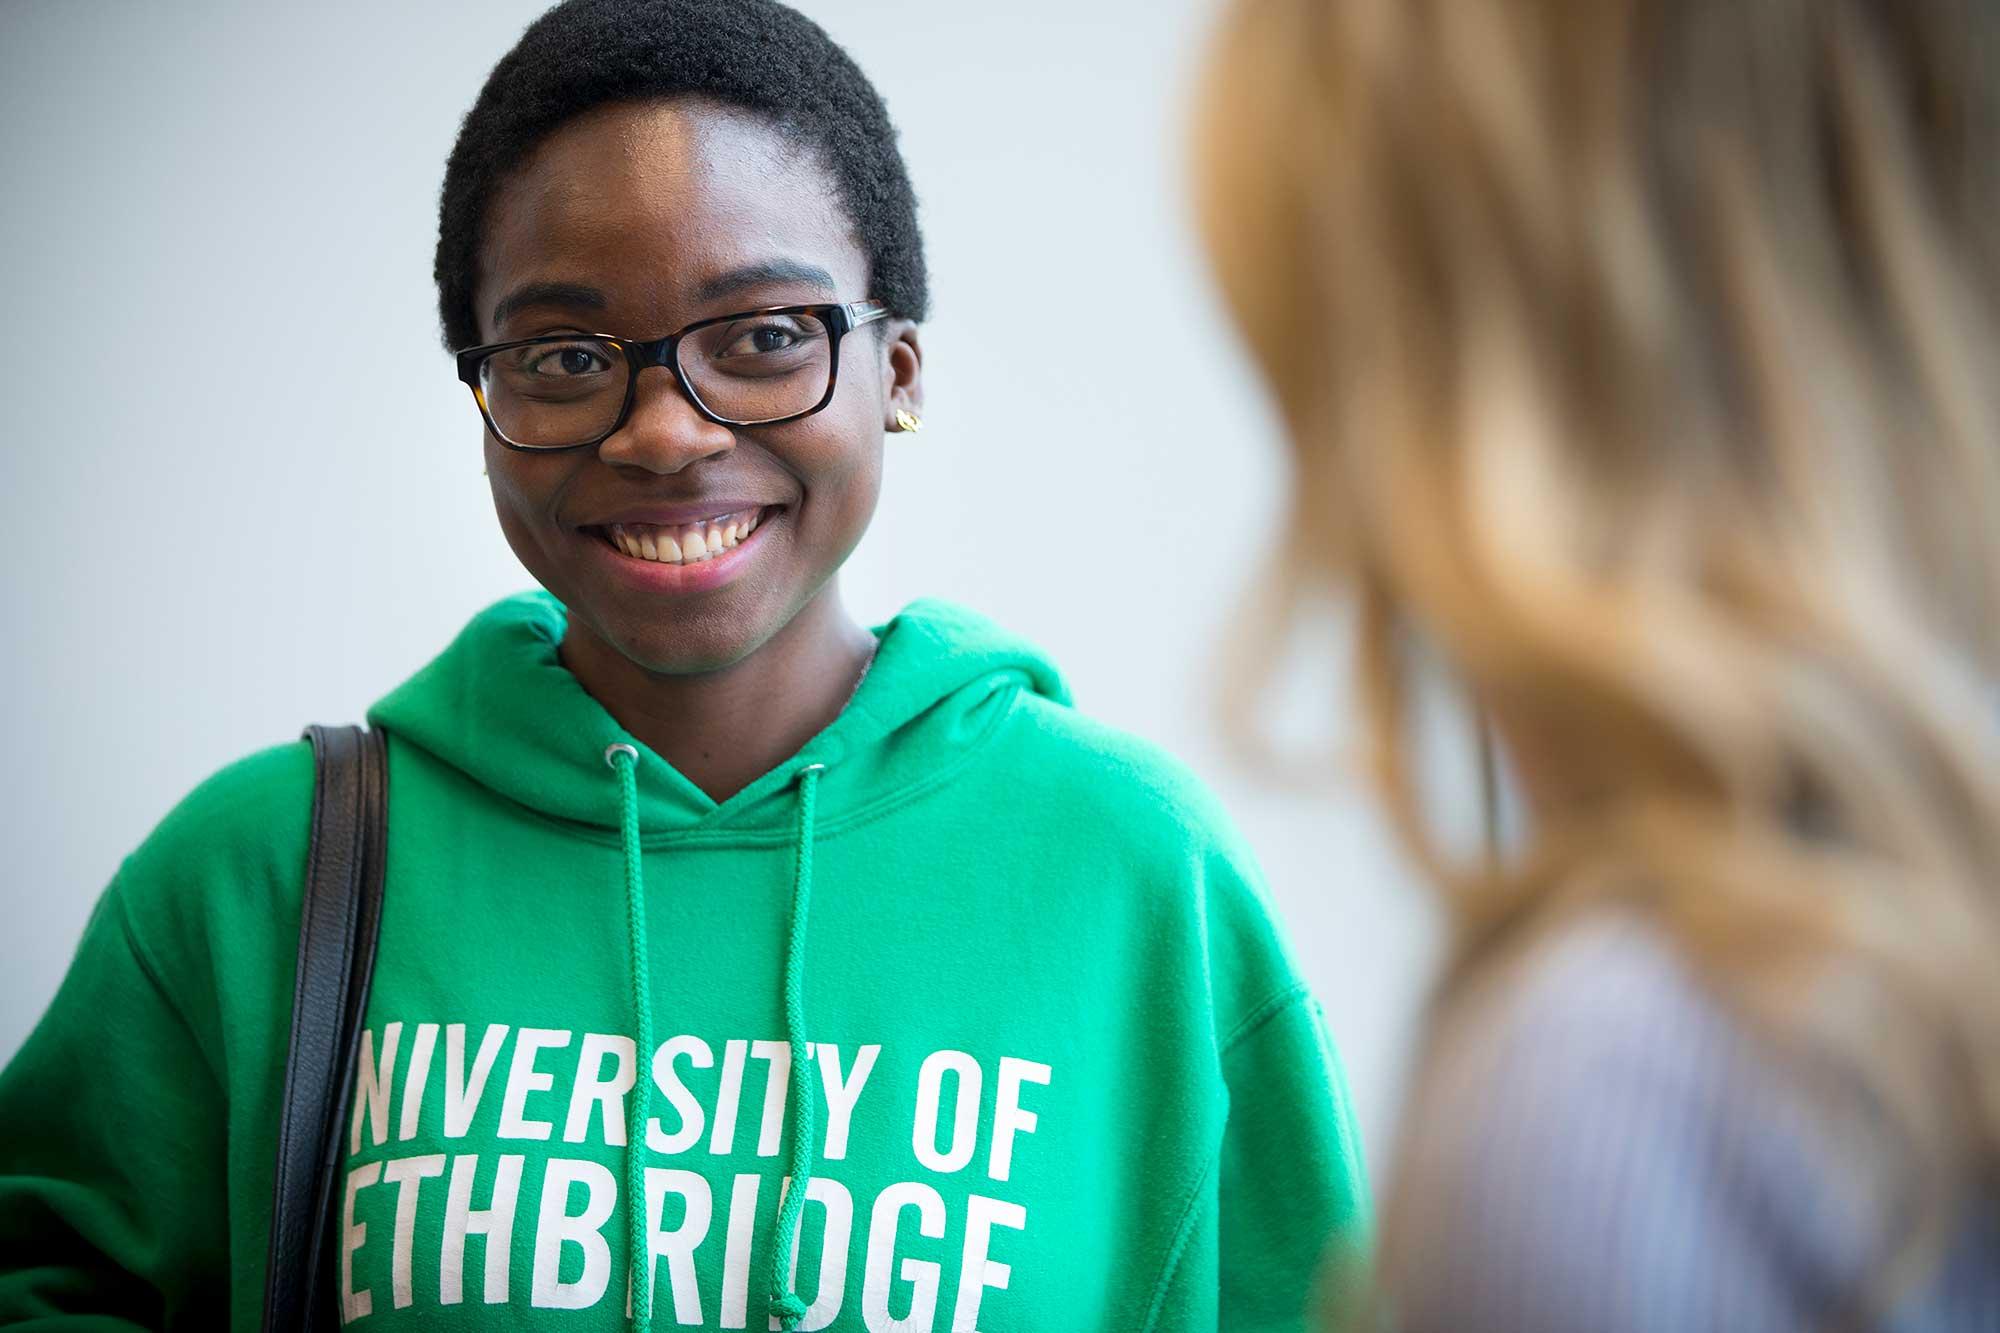 Smiling student wearing uLethbridge sweater